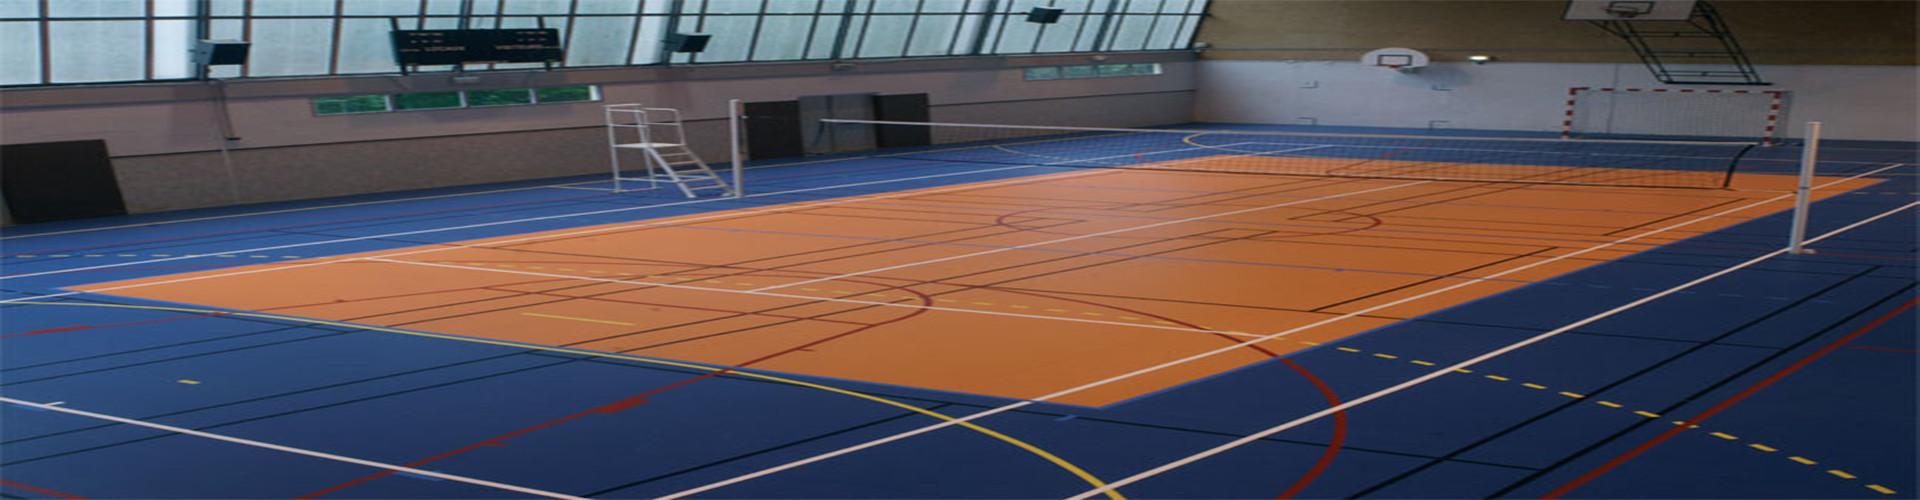 体育地板-乒羽木地板